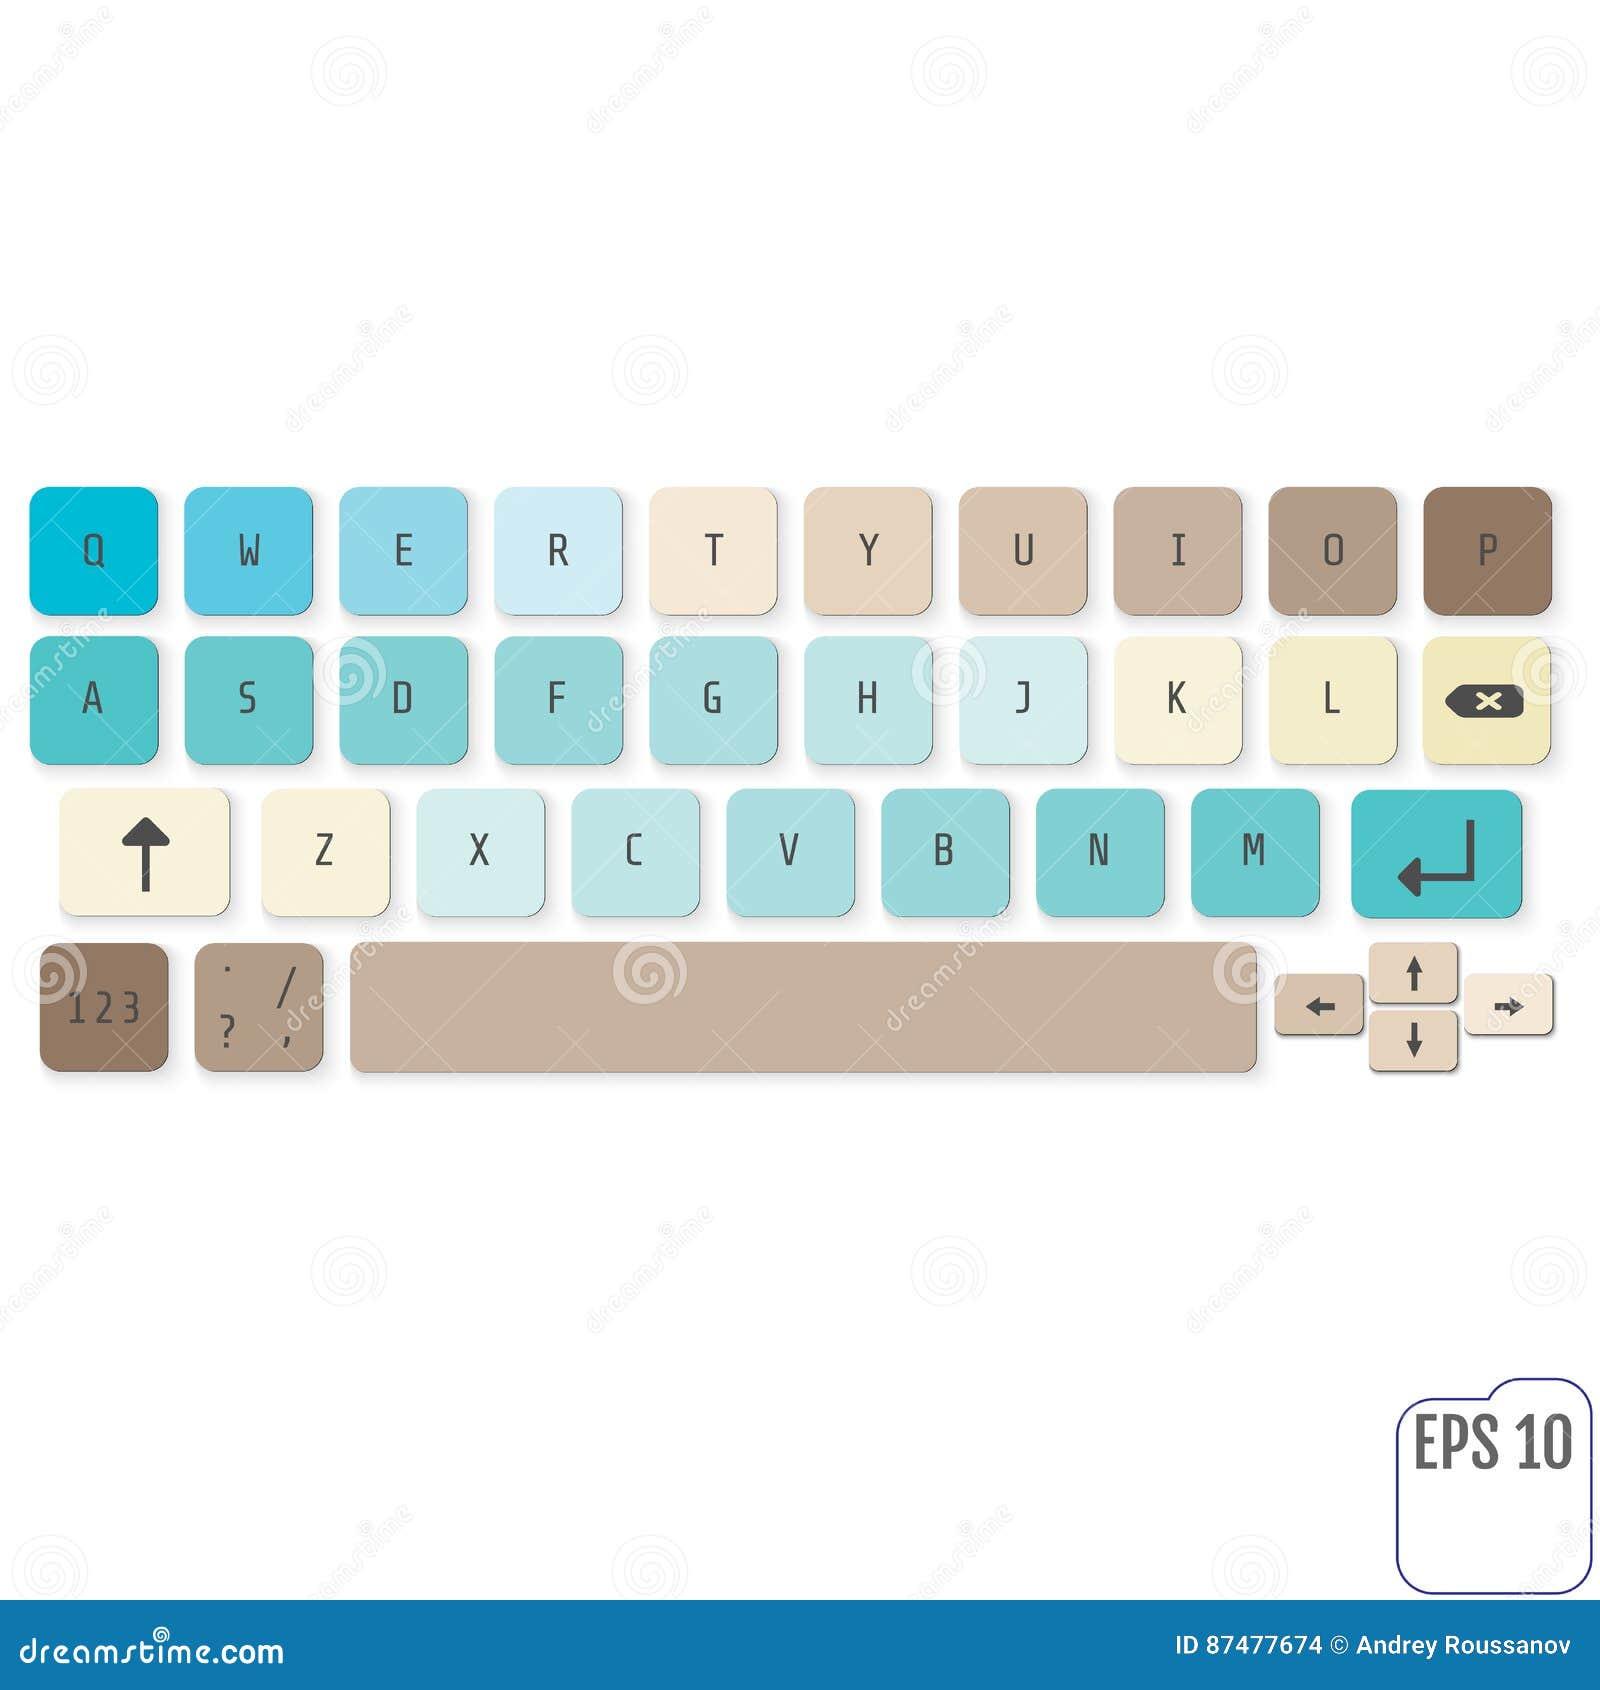 Современная реалистическая клавиатура для ПК smartphone или таблетки с альфой